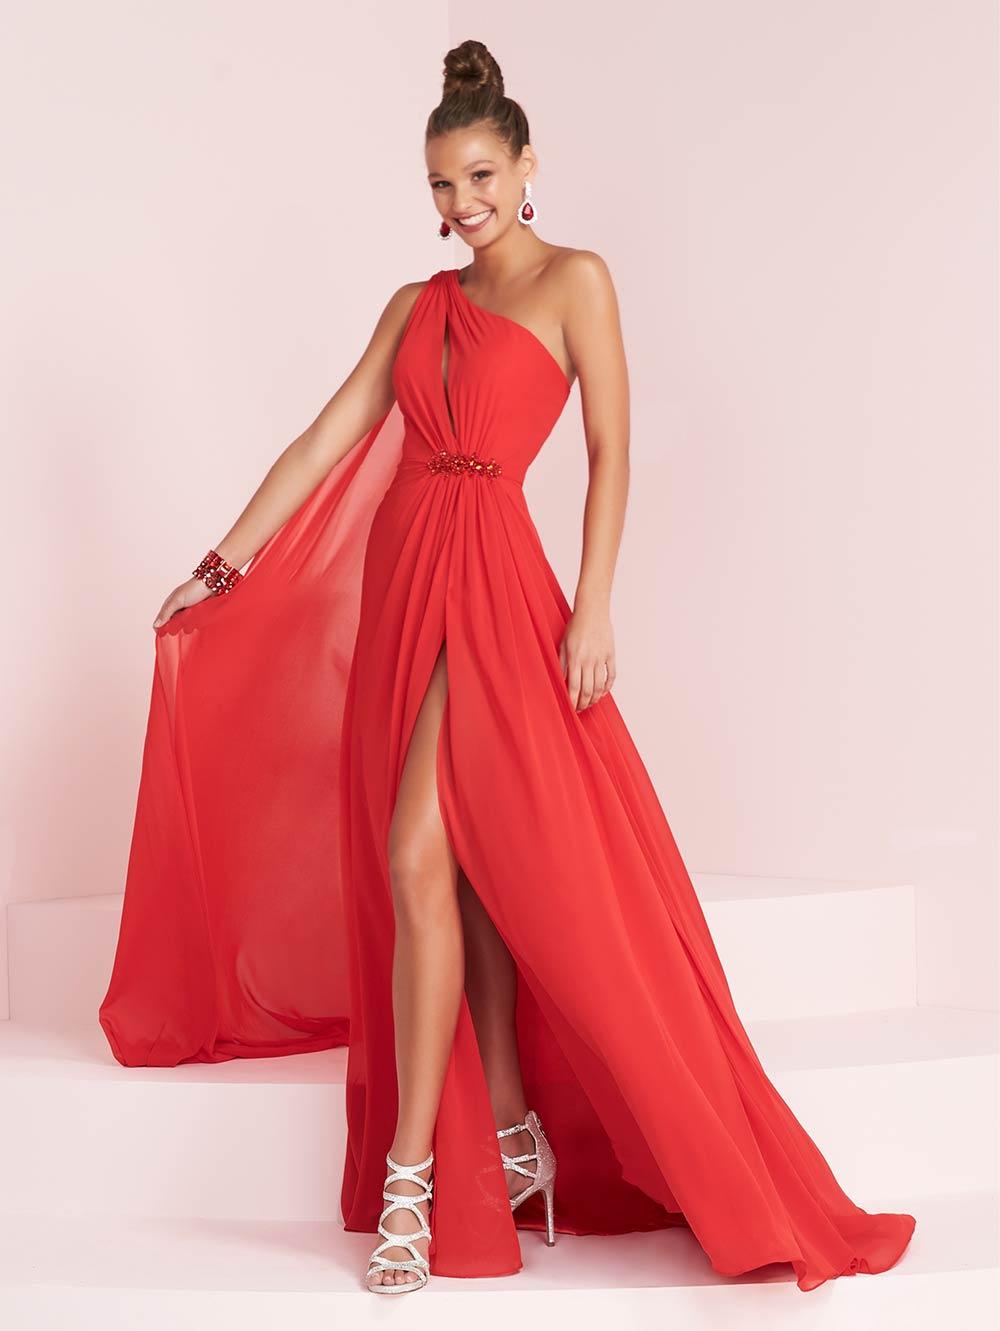 prom-dresses-jacquelin-bridals-canada-27593